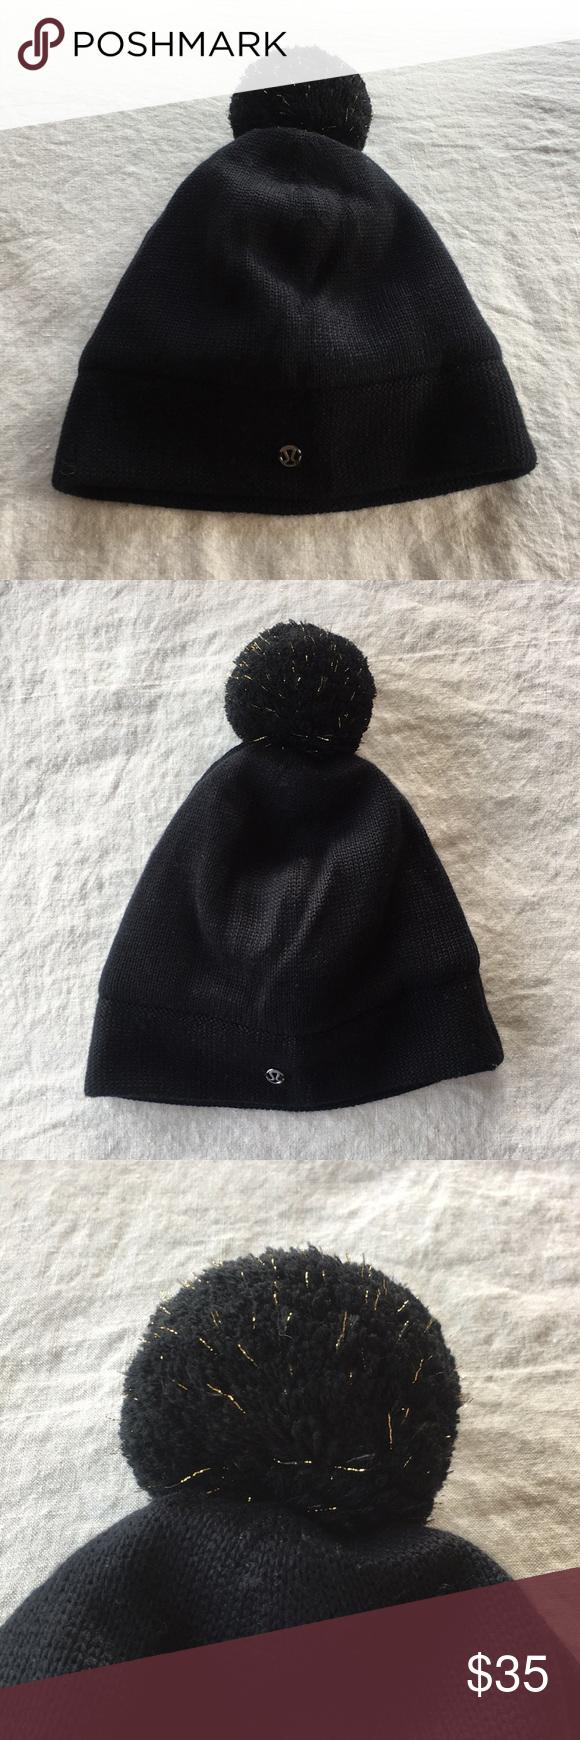 13d9eb772a6 Lululemon winter beanie hat with Pom Pom Lululemon Black winter beanie hat  with black gold sparkle Pom Pom. O S. Inside is insanely warm